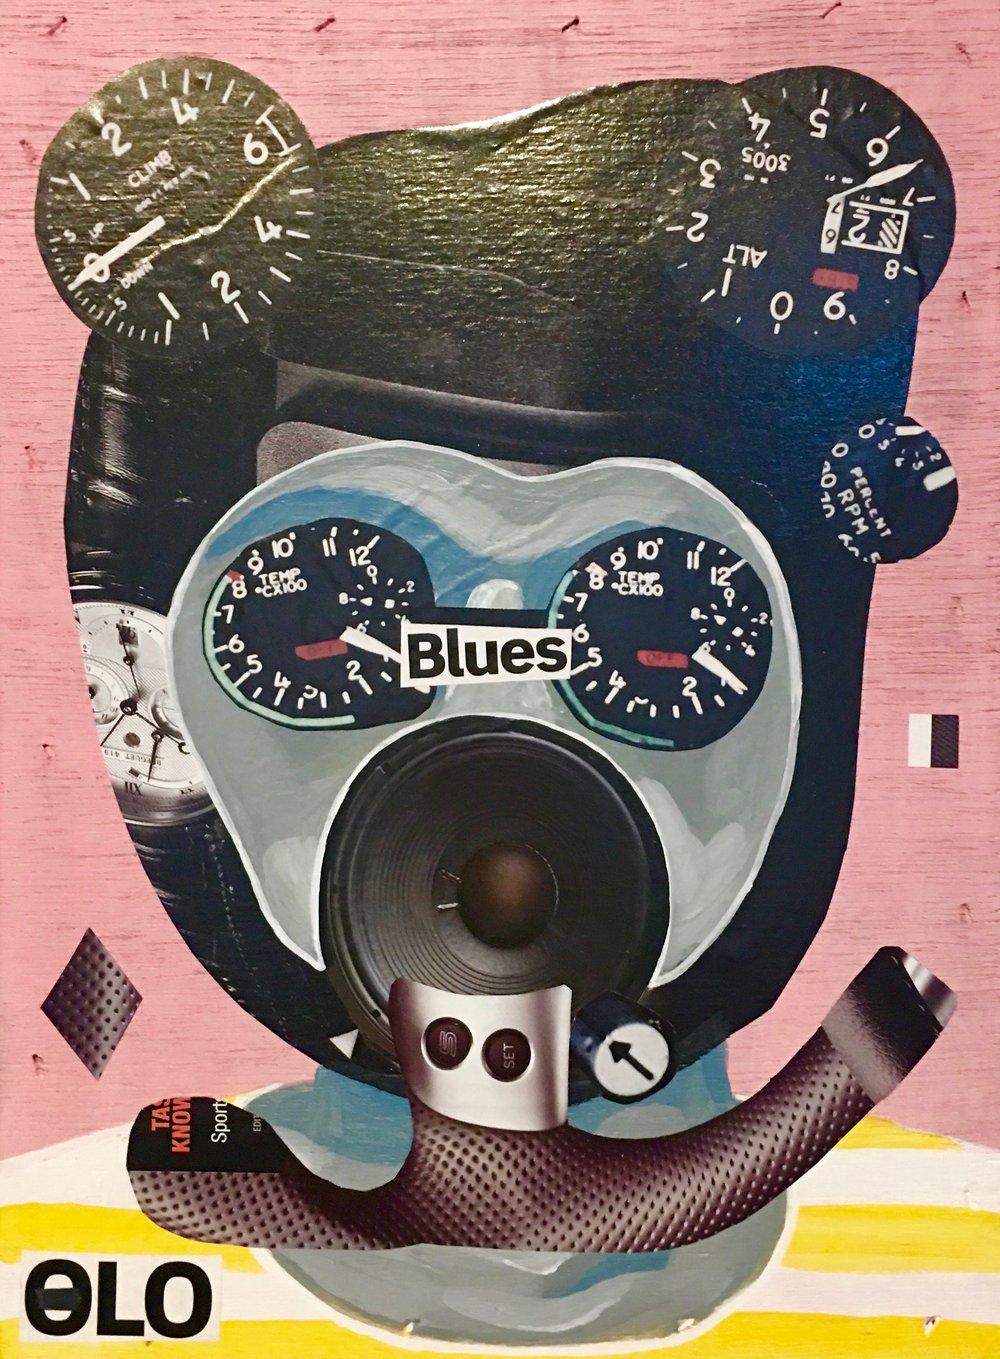 Jeong Ju Moon, Blues, 2016